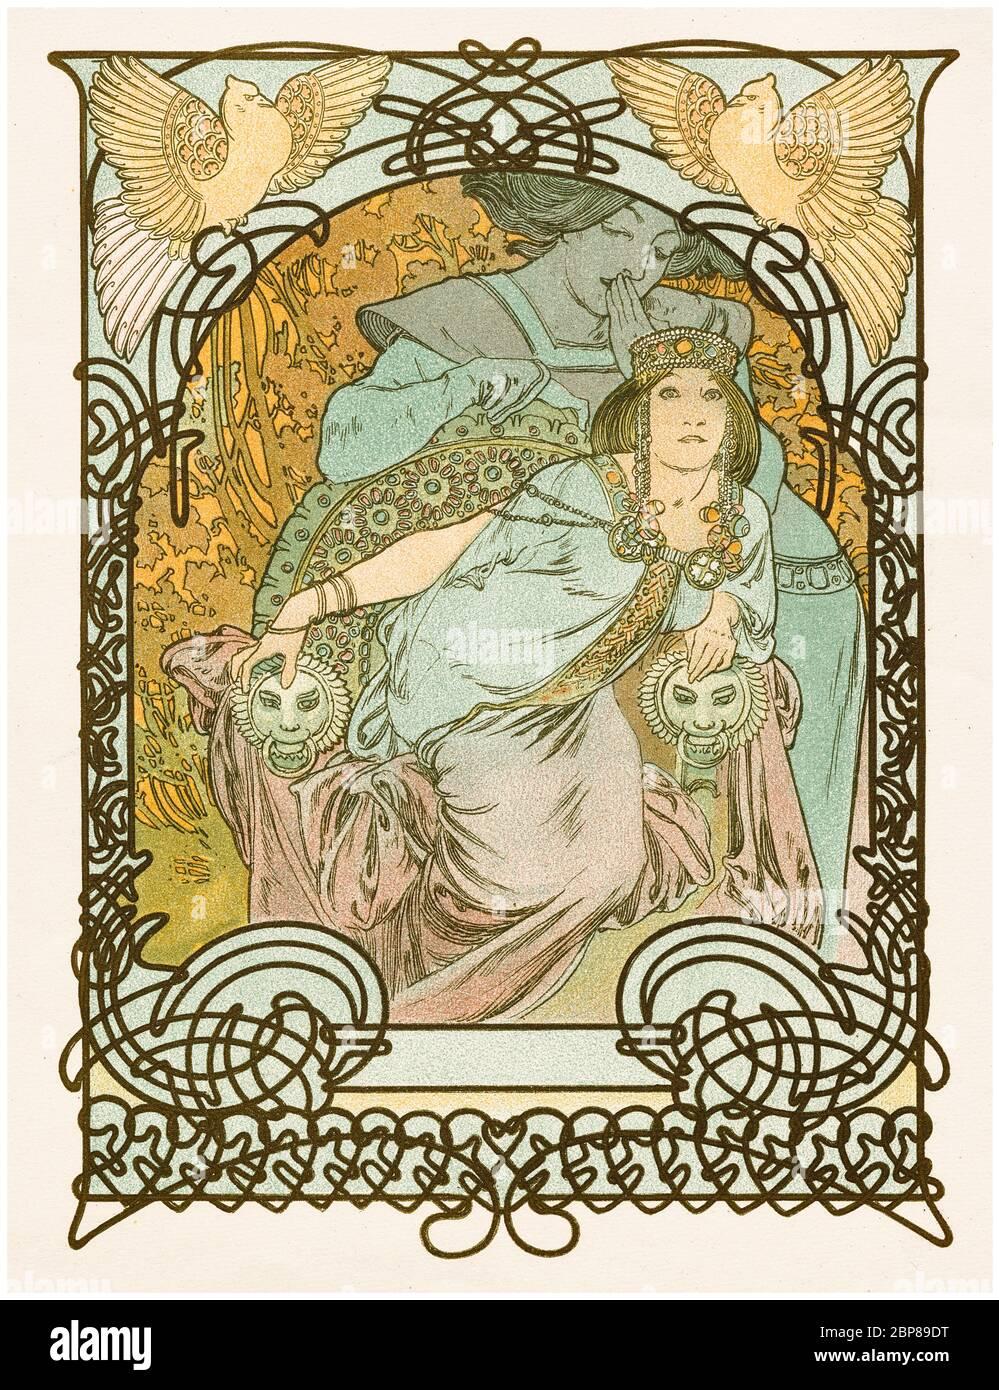 Alphonse Mucha, Ilsee: Princesse de Trípoli, cartel de estilo Art Nouveau, 1897 Foto de stock